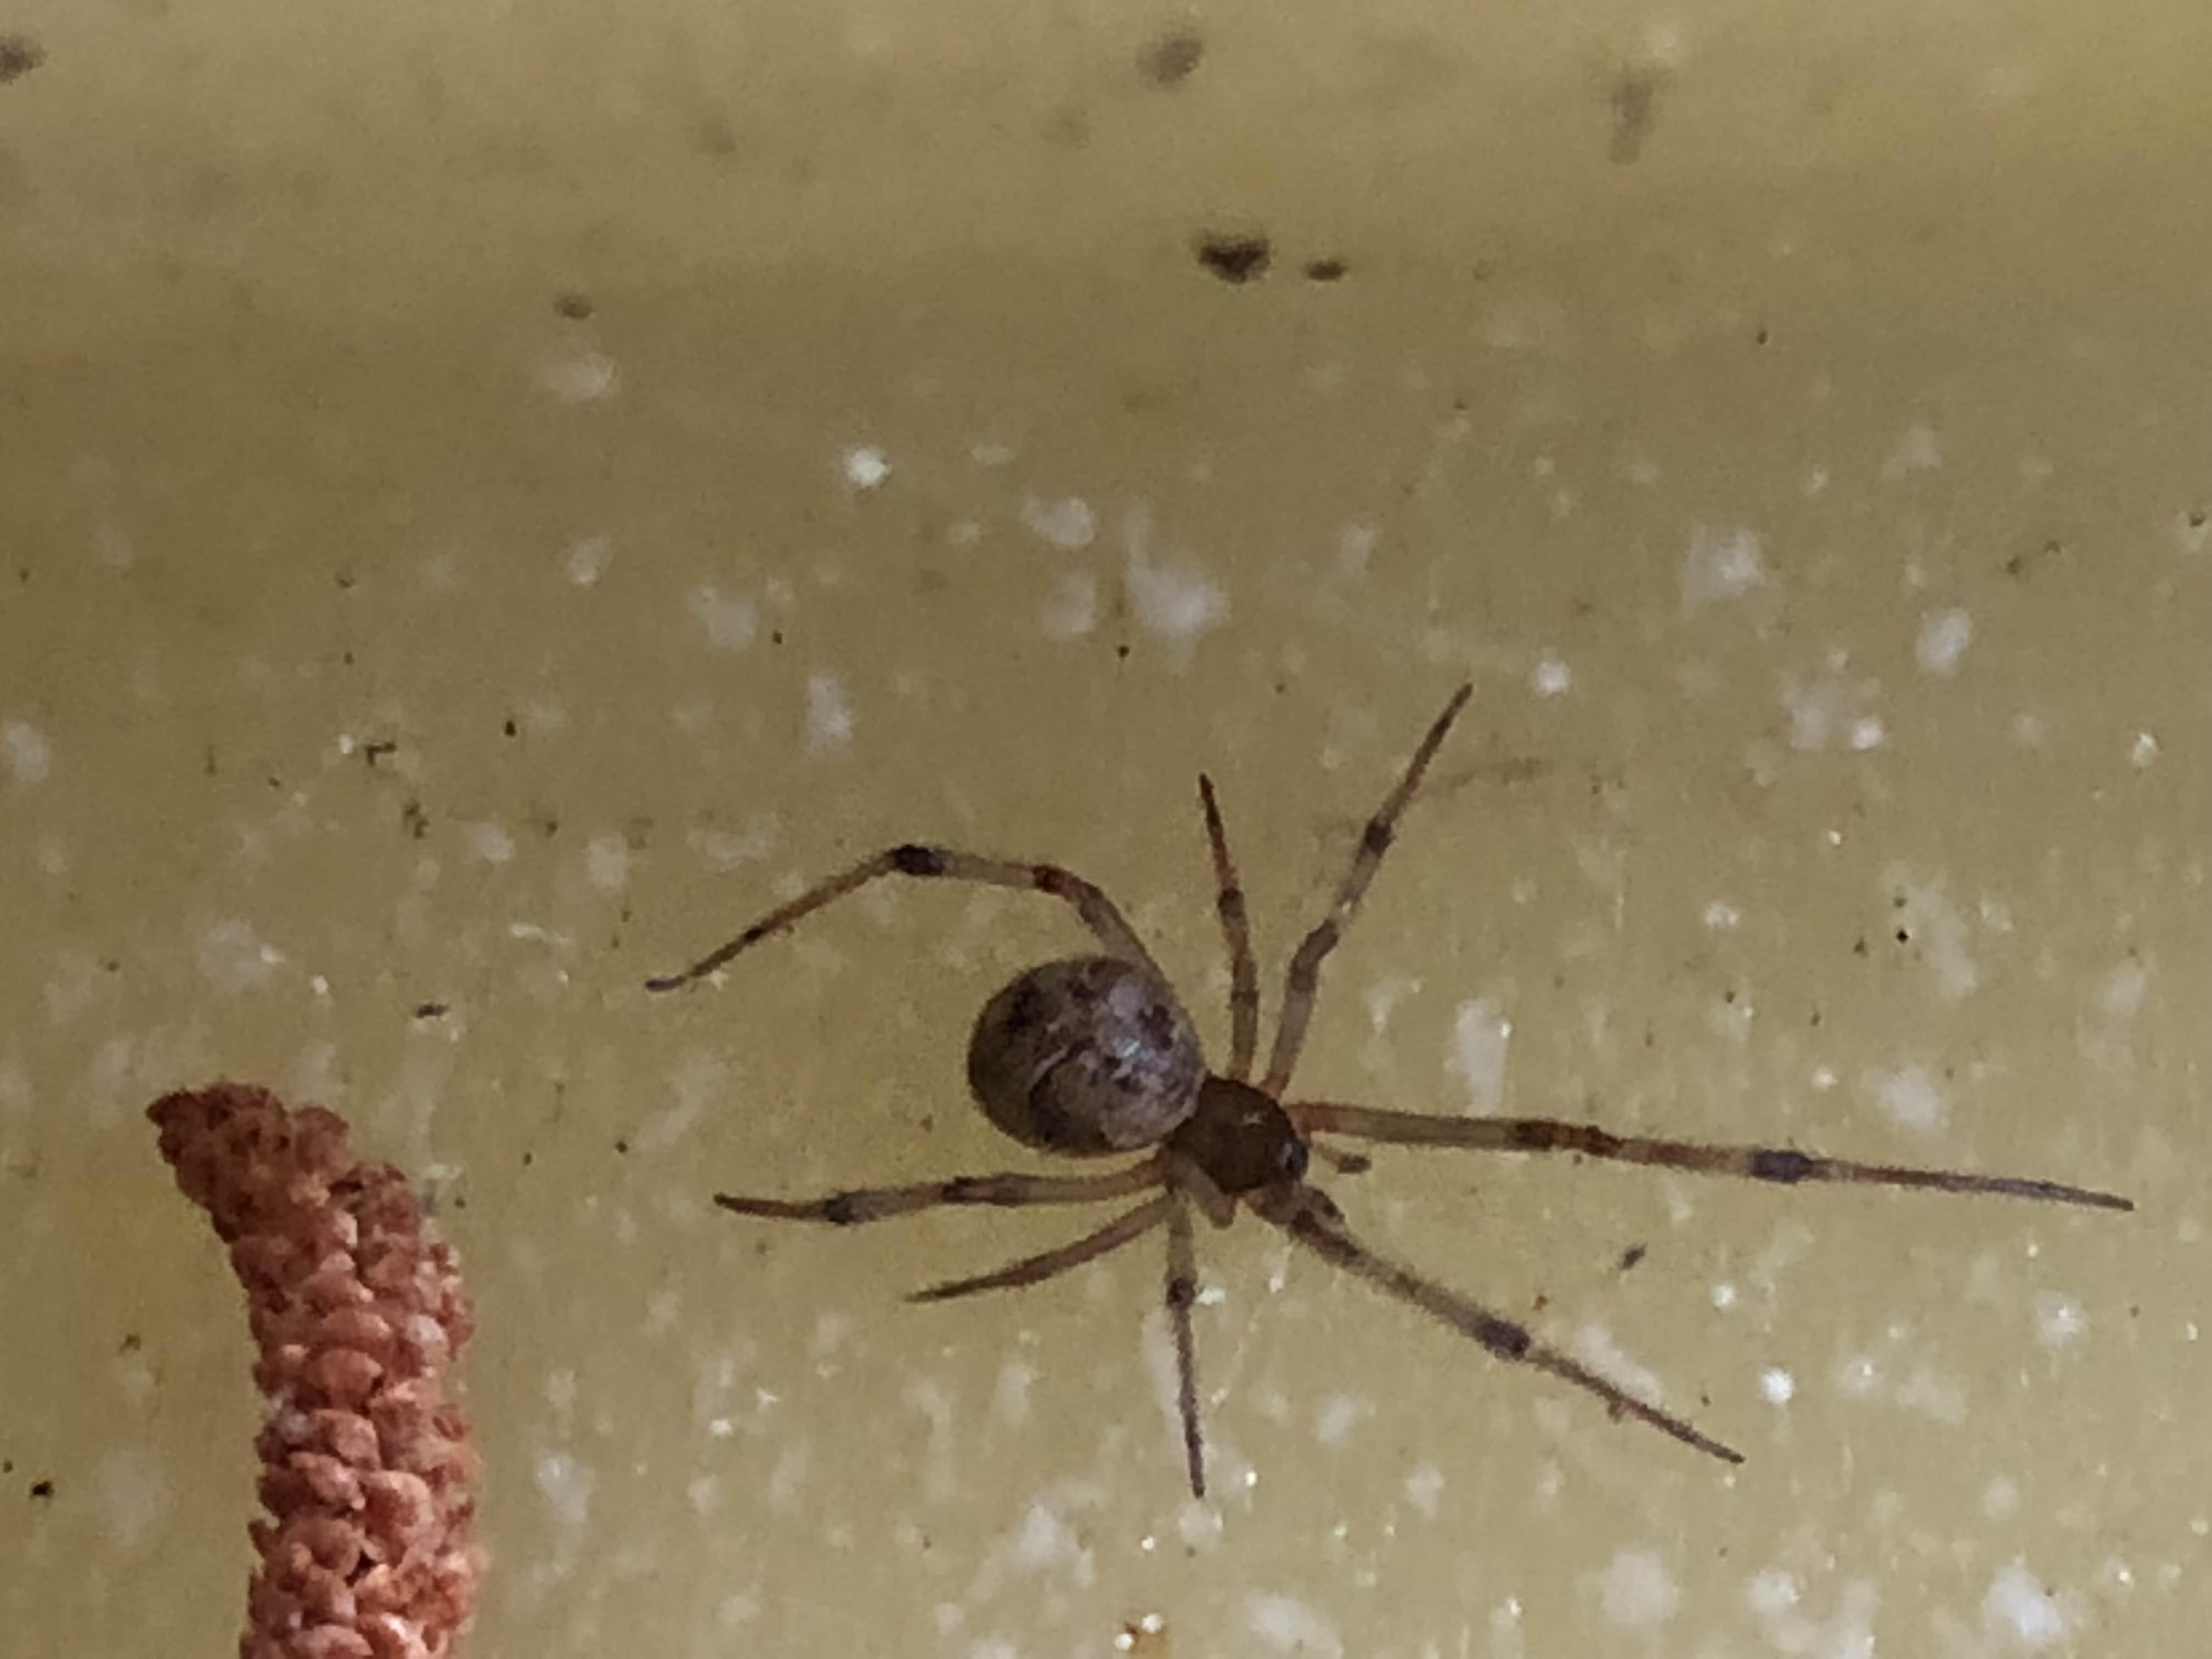 Picture of Parasteatoda tepidariorum (Common House Spider) - Dorsal